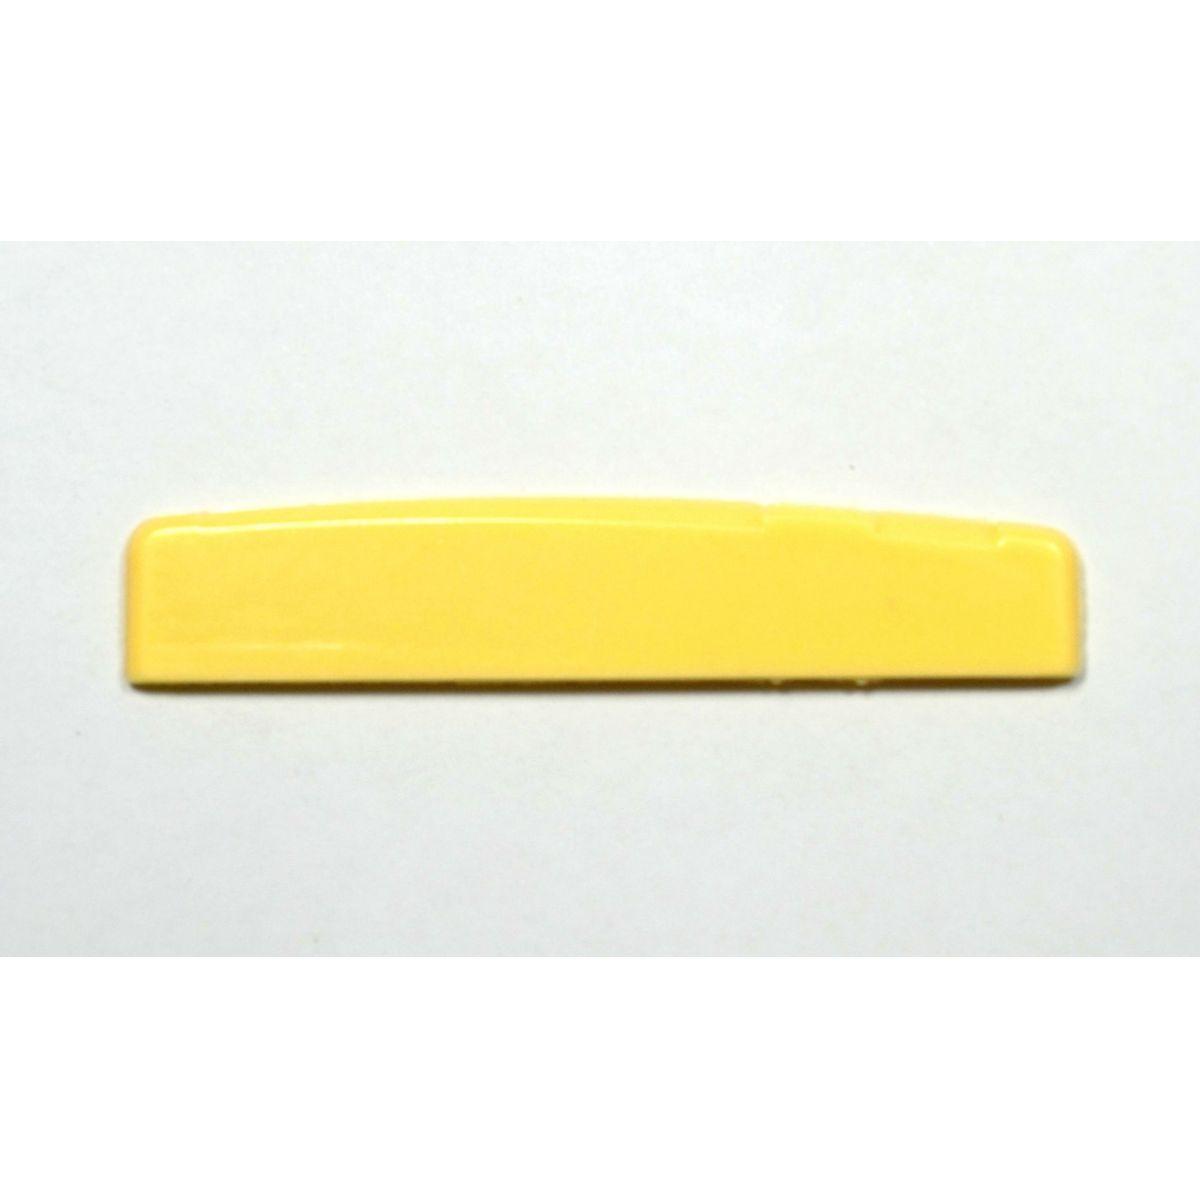 Rastilho com compensação de oitava de plástico para violão/viola (3mm x 12mm x 77mm)  - Luthieria Brasil